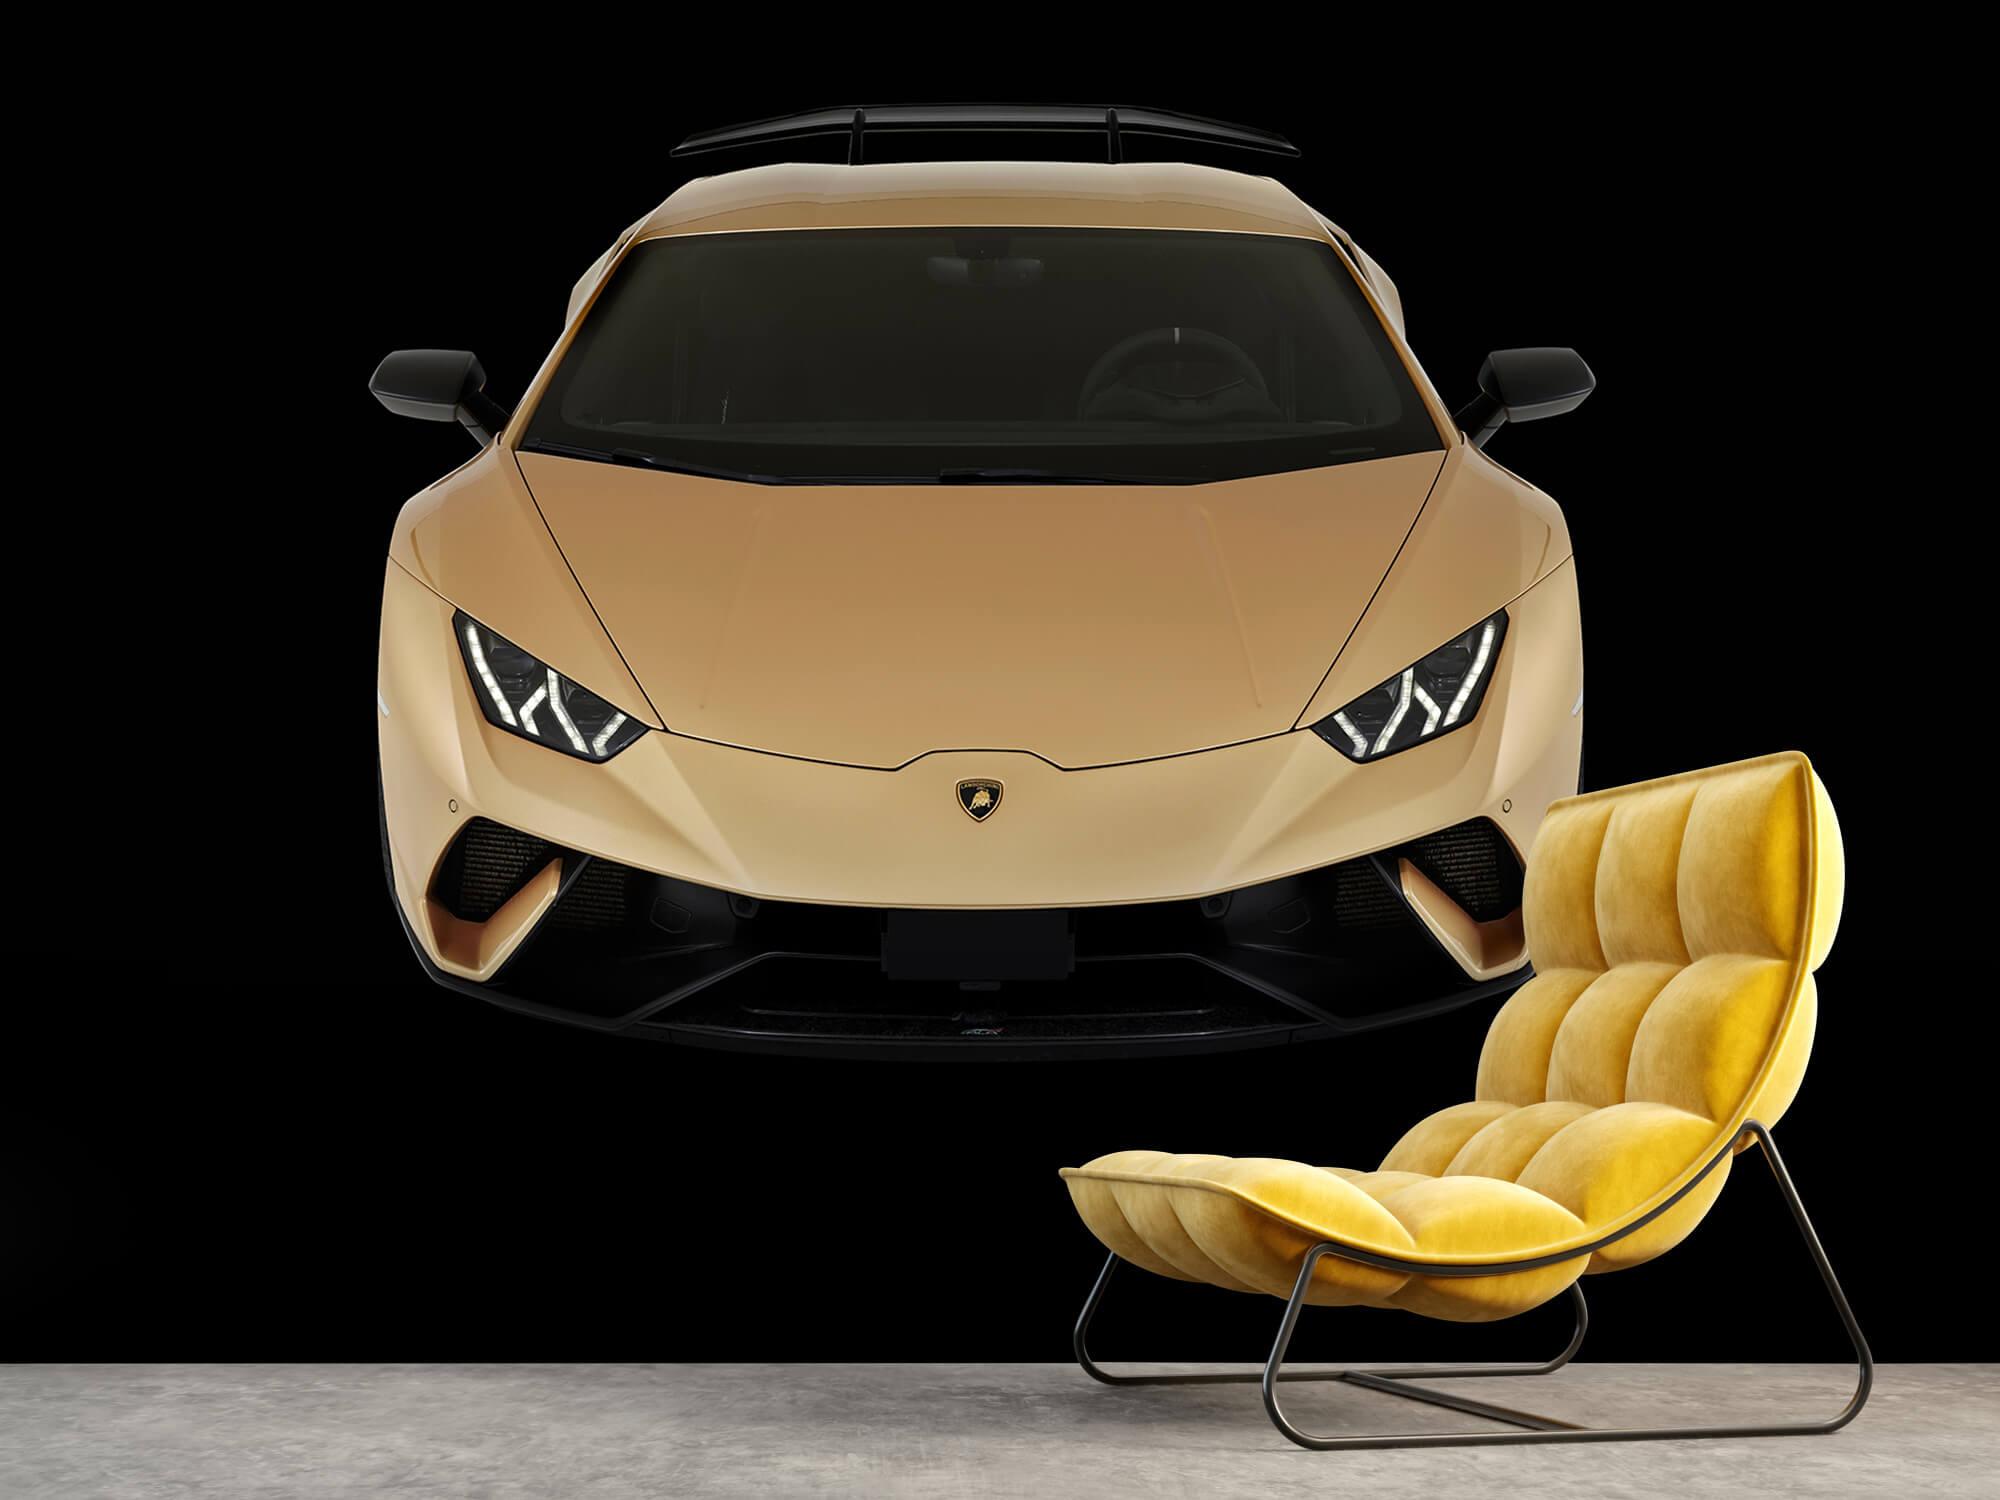 Wallpaper Lamborghini Huracán - Voorkant vanaf boven, zwart 8